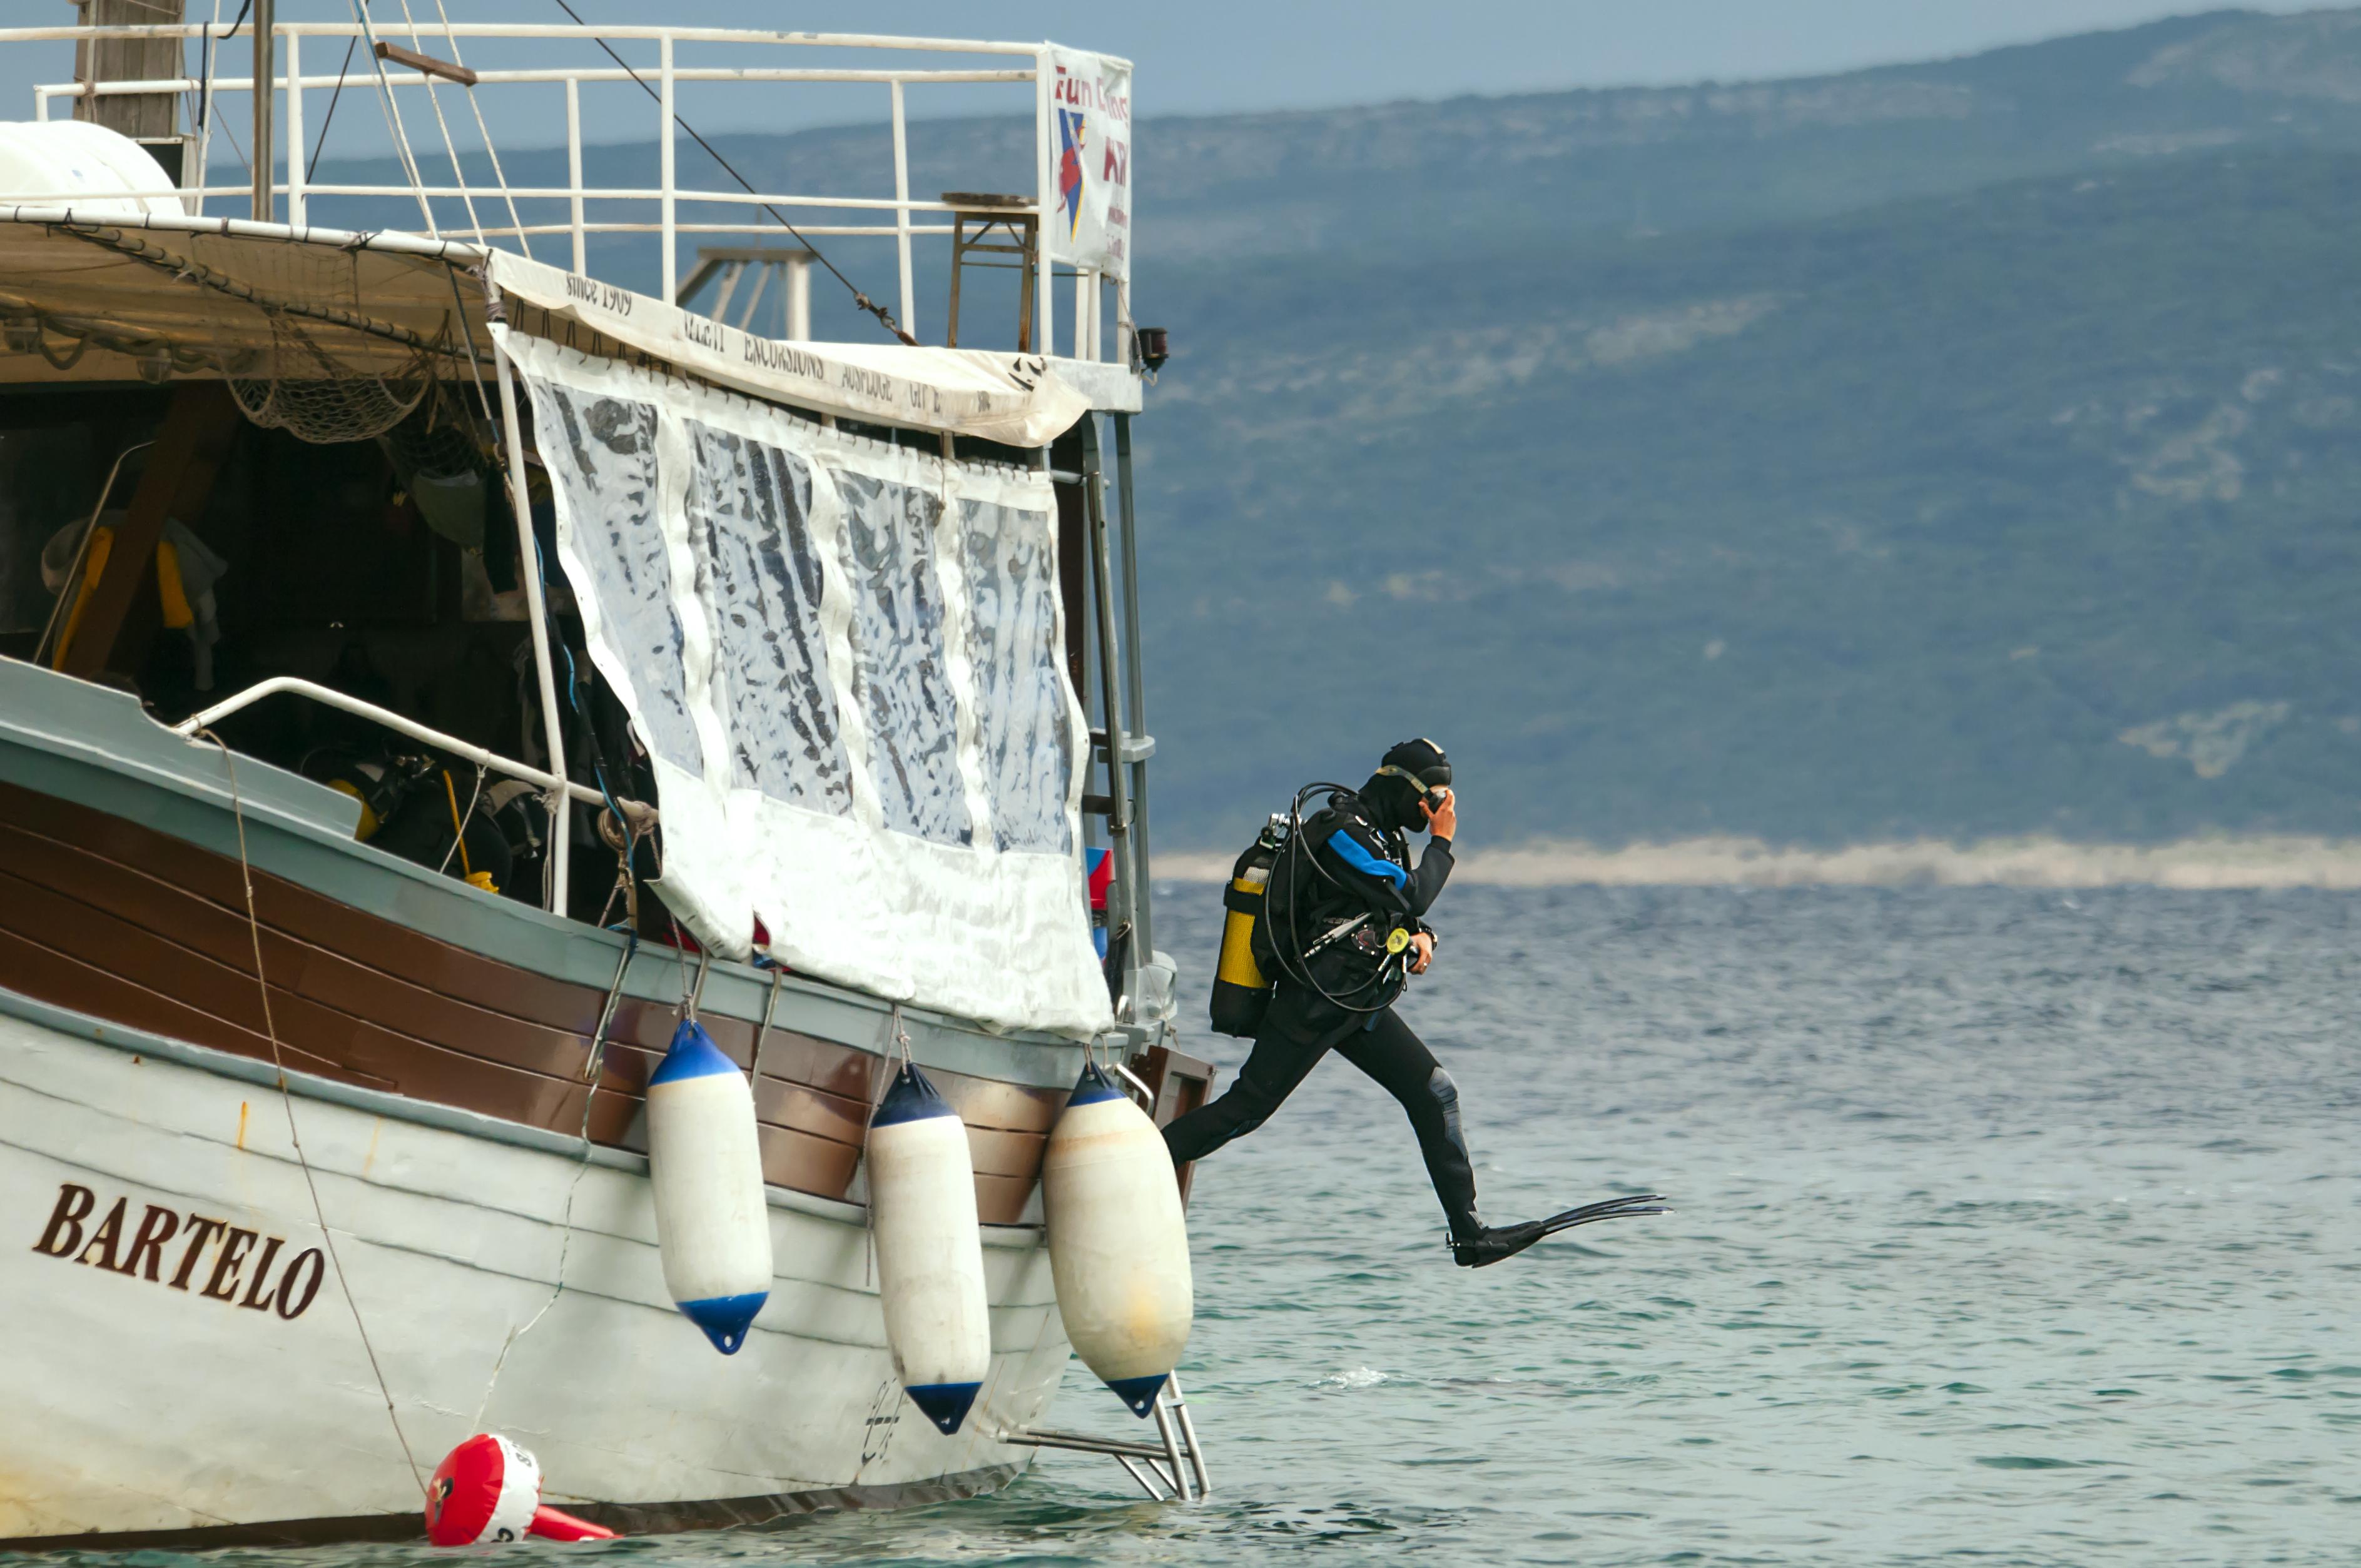 Taucher springt ins Meer